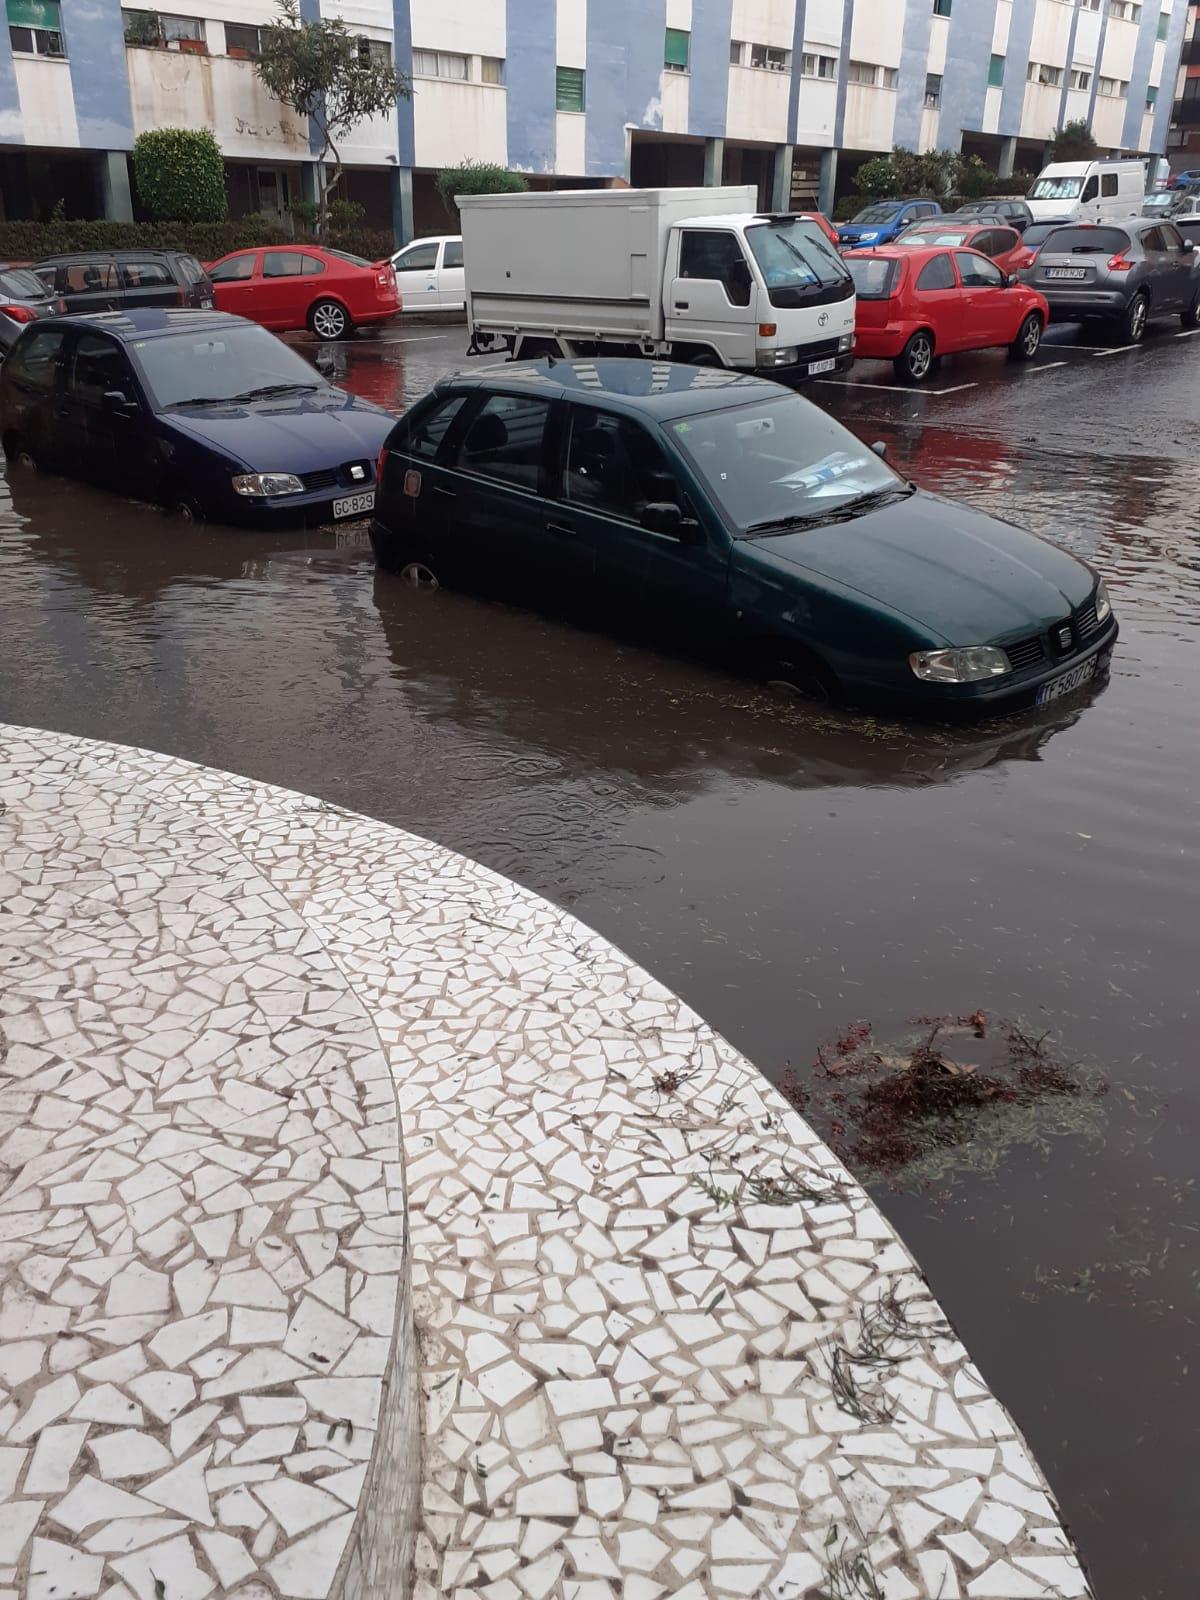 El desbordamiento del alcantarillado en algunas zonas de La Laguna ha provocado problemas en la circulación de vehículos